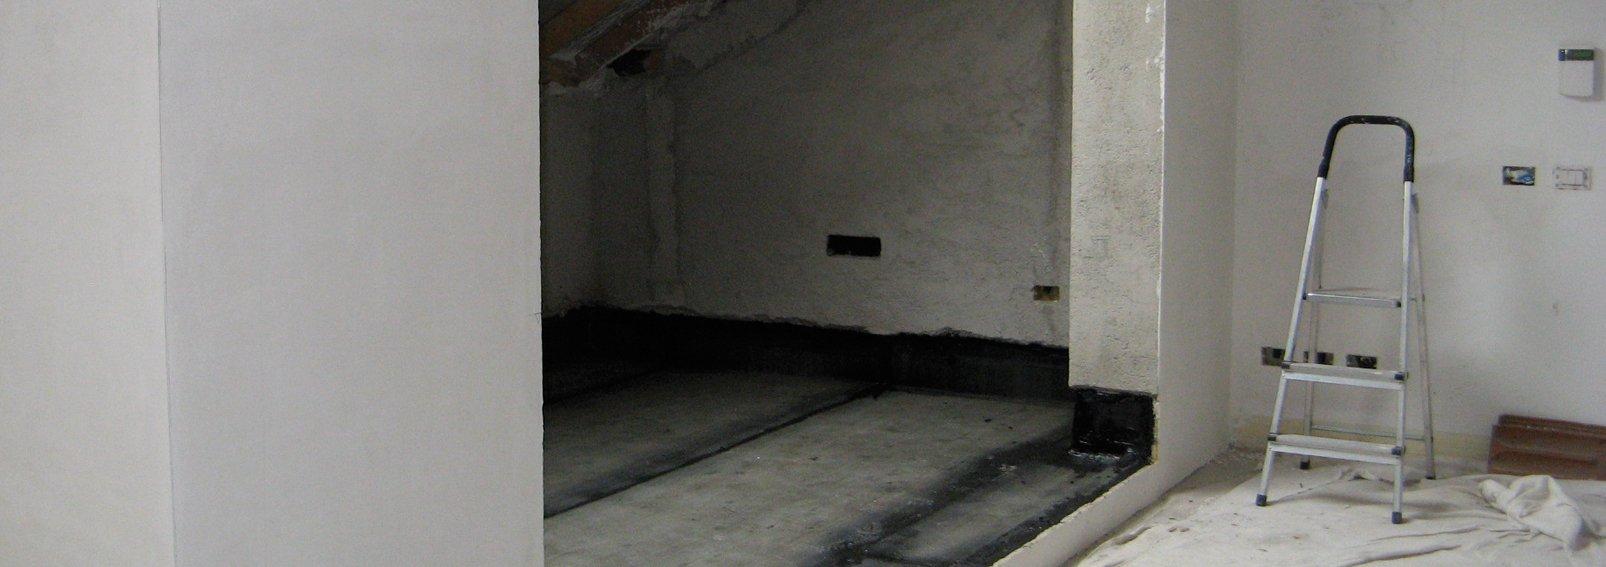 Ristrutturare la casa manutenzione ordinaria o - Rifacimento bagno manutenzione ordinaria o straordinaria ...